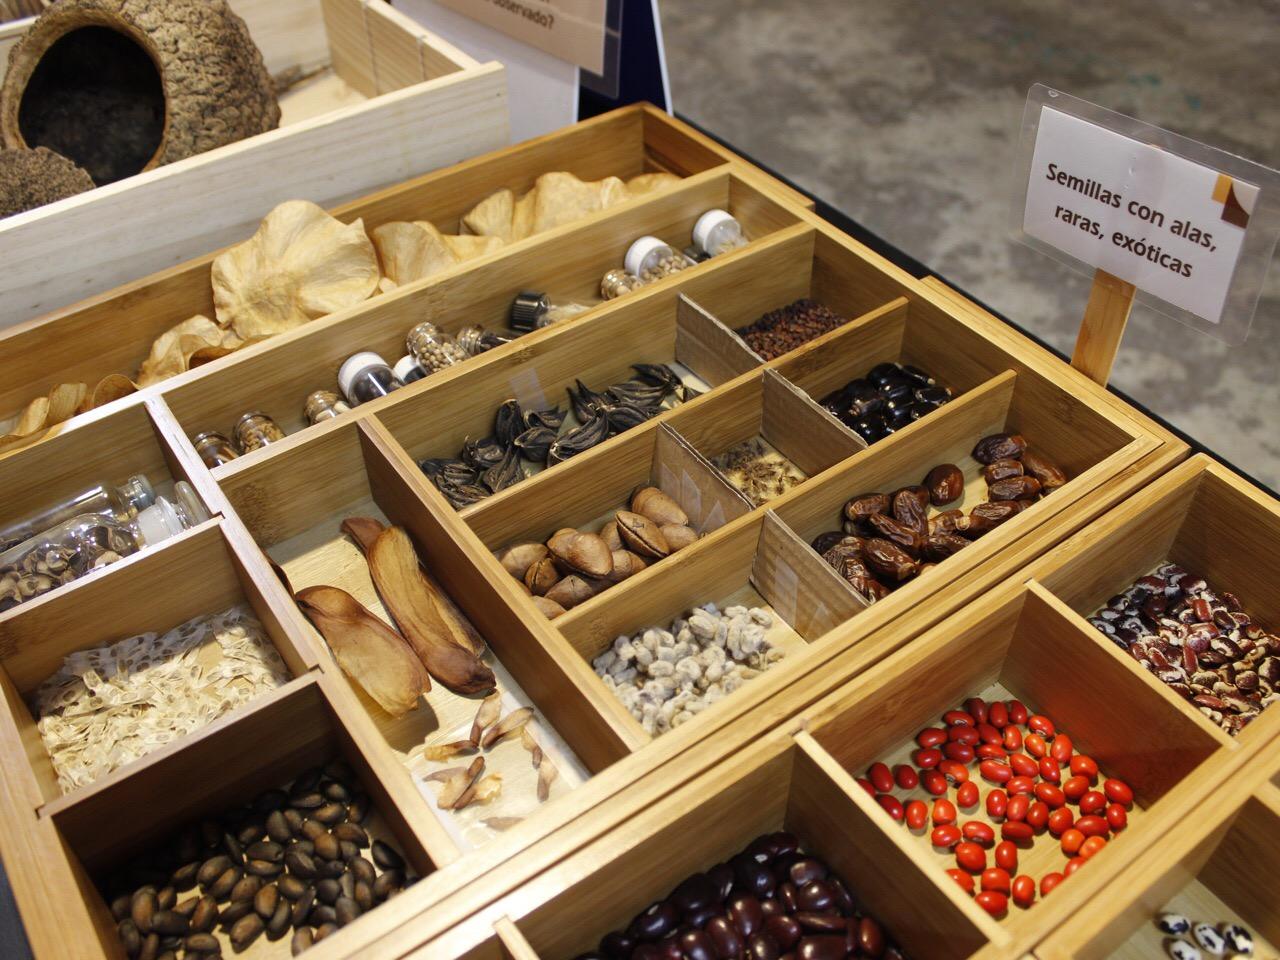 Abren muestra de semillas y legumbres de más aprecio en Yucatán